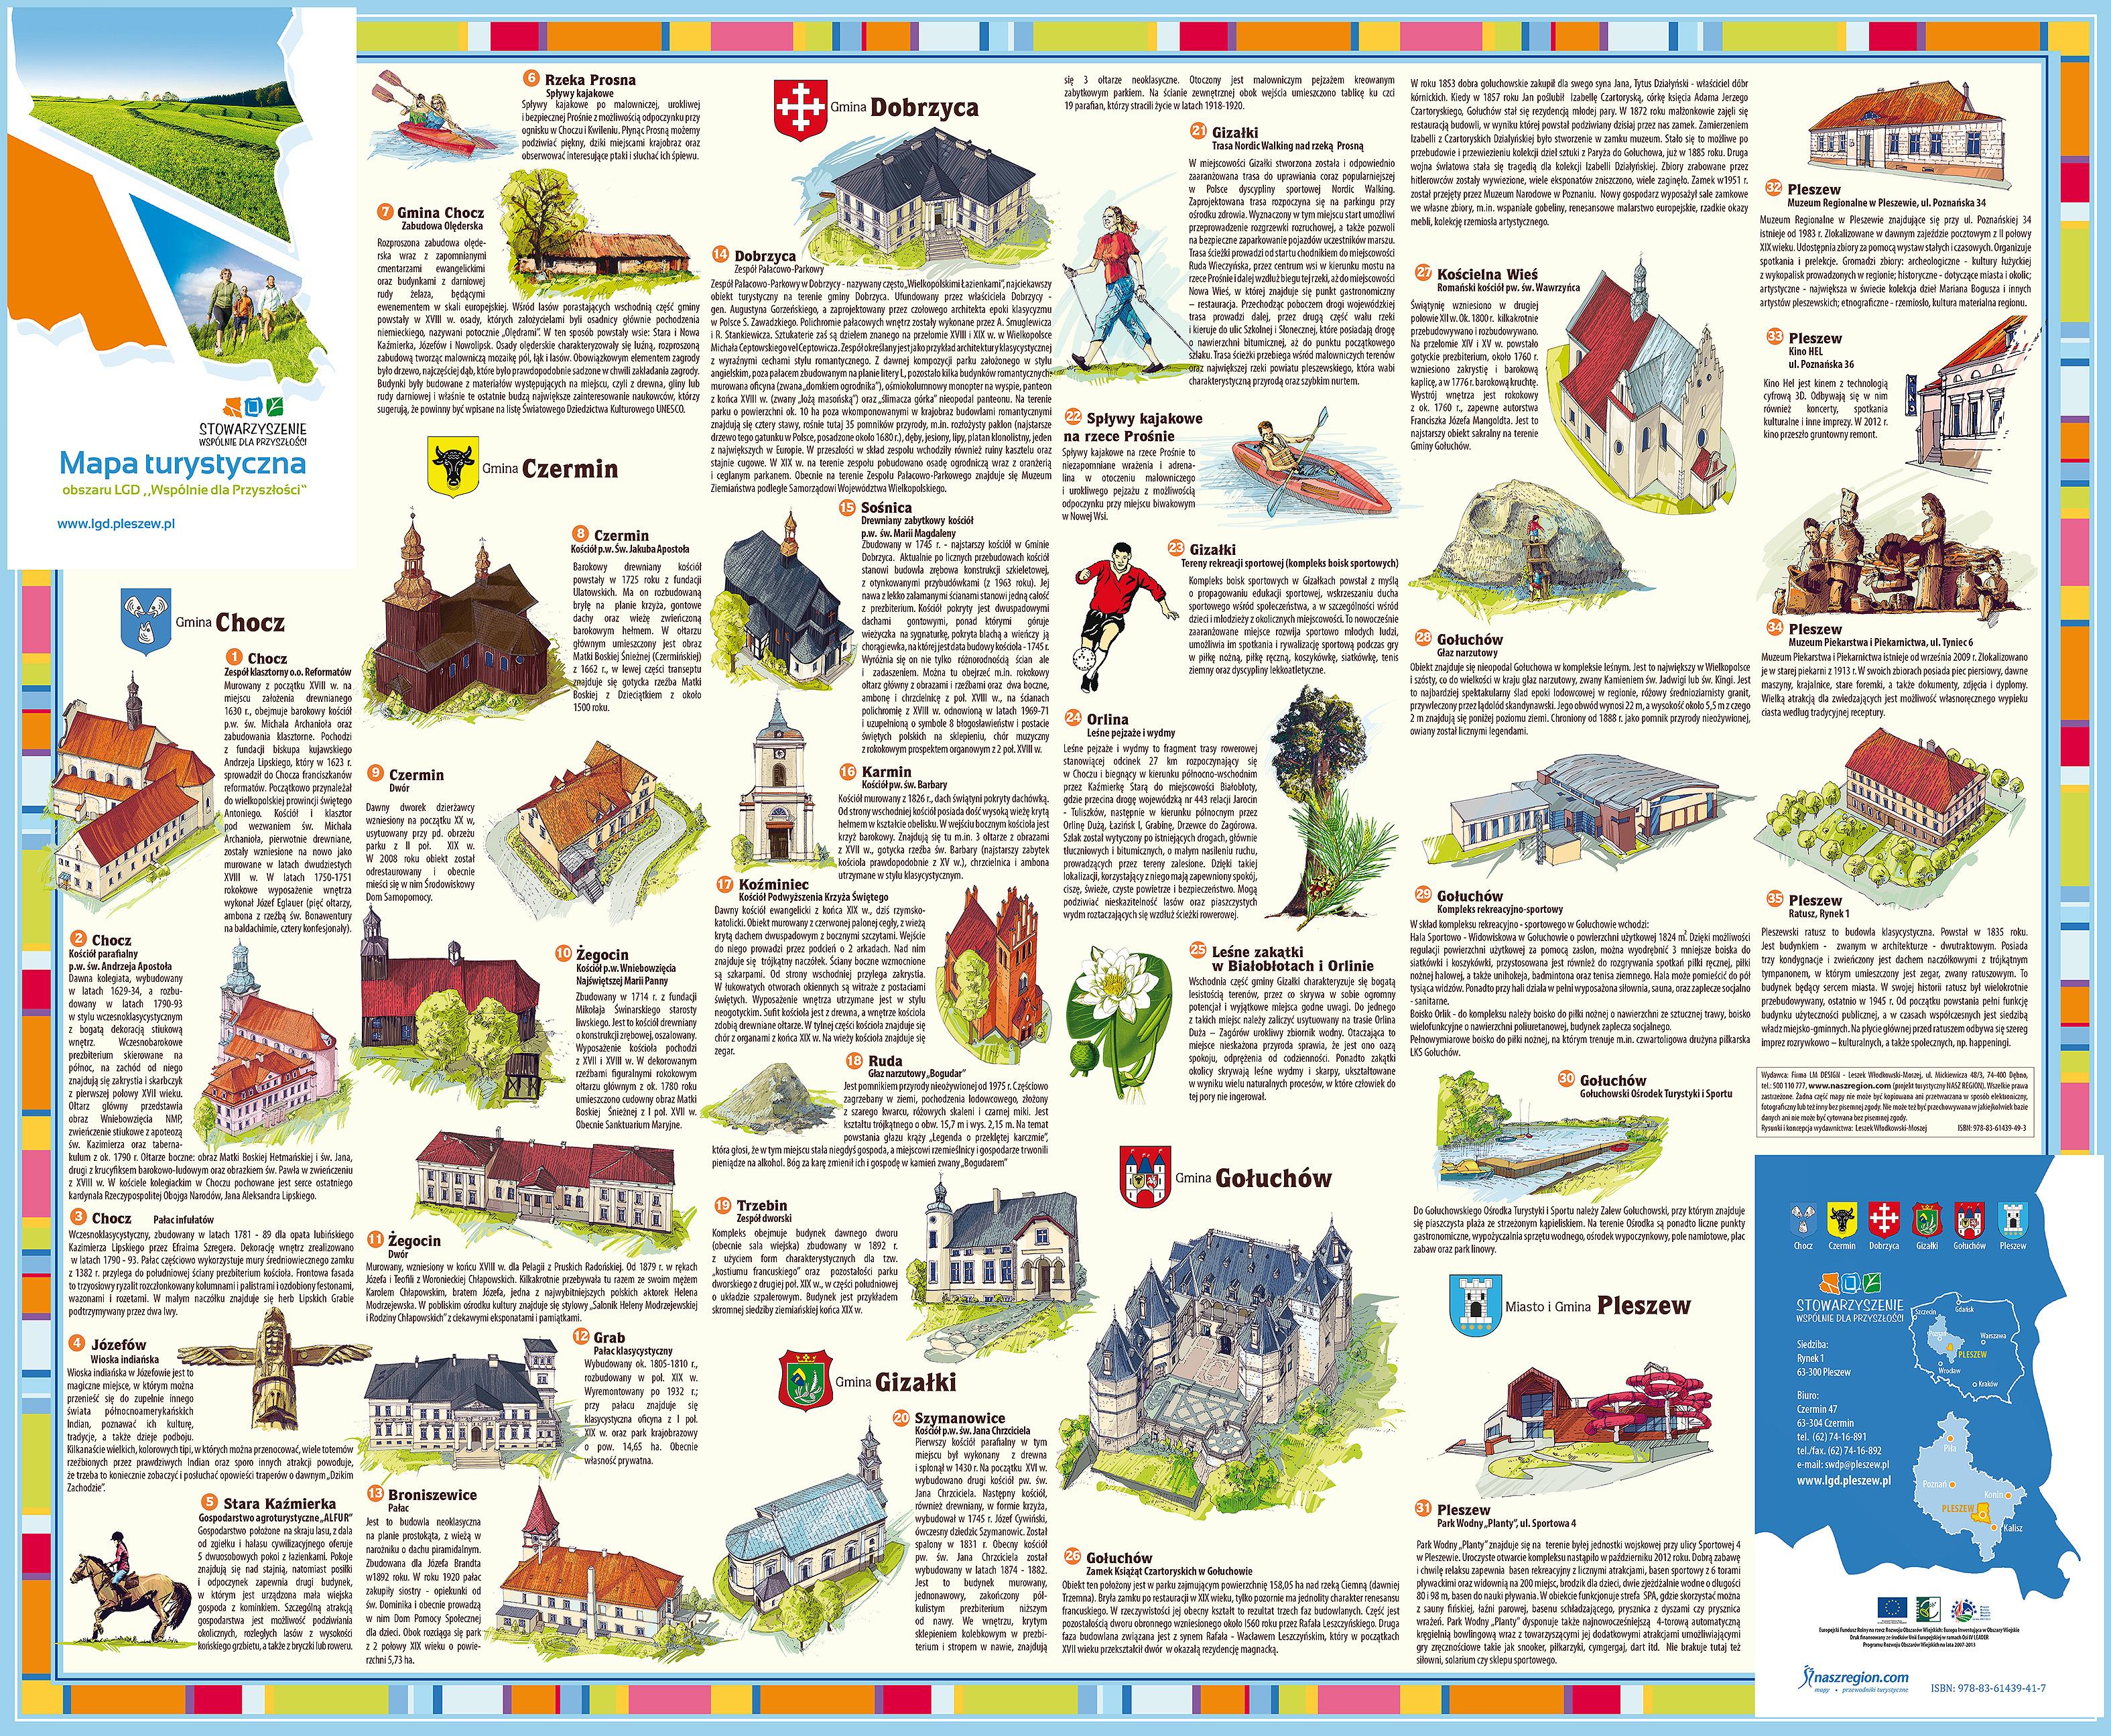 mapa turystyczna powiatu pleszewskiego